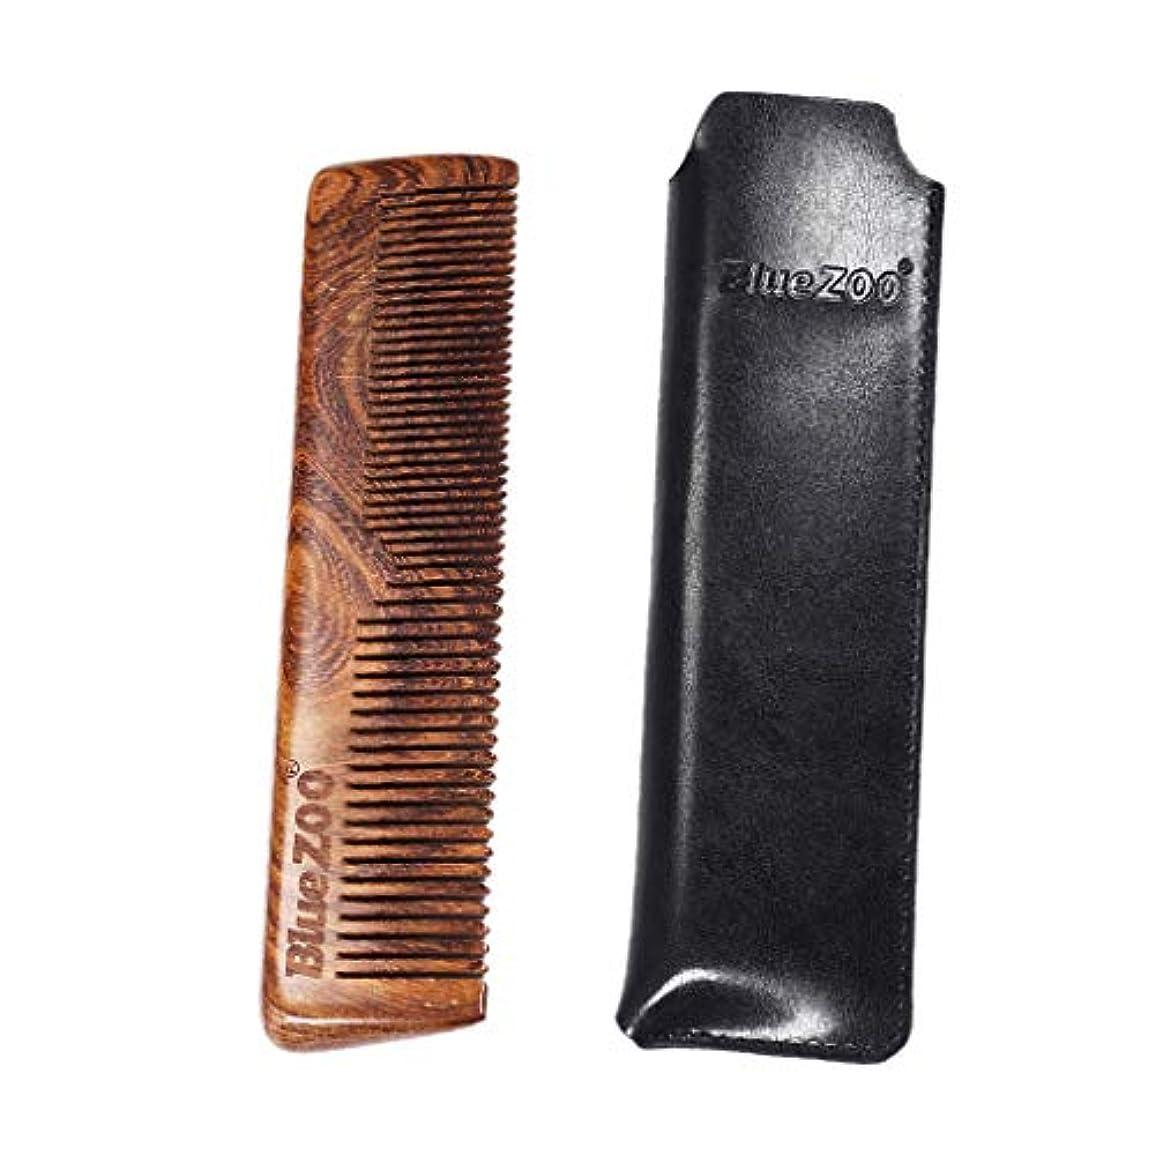 議論する規定ハイブリッドToygogo 手作りサンダルウッド木製男性のひげ口ひげ顔の毛の櫛グルーミングスタイリングシェーピングツールと男性用理容室用PUケース - ブラック